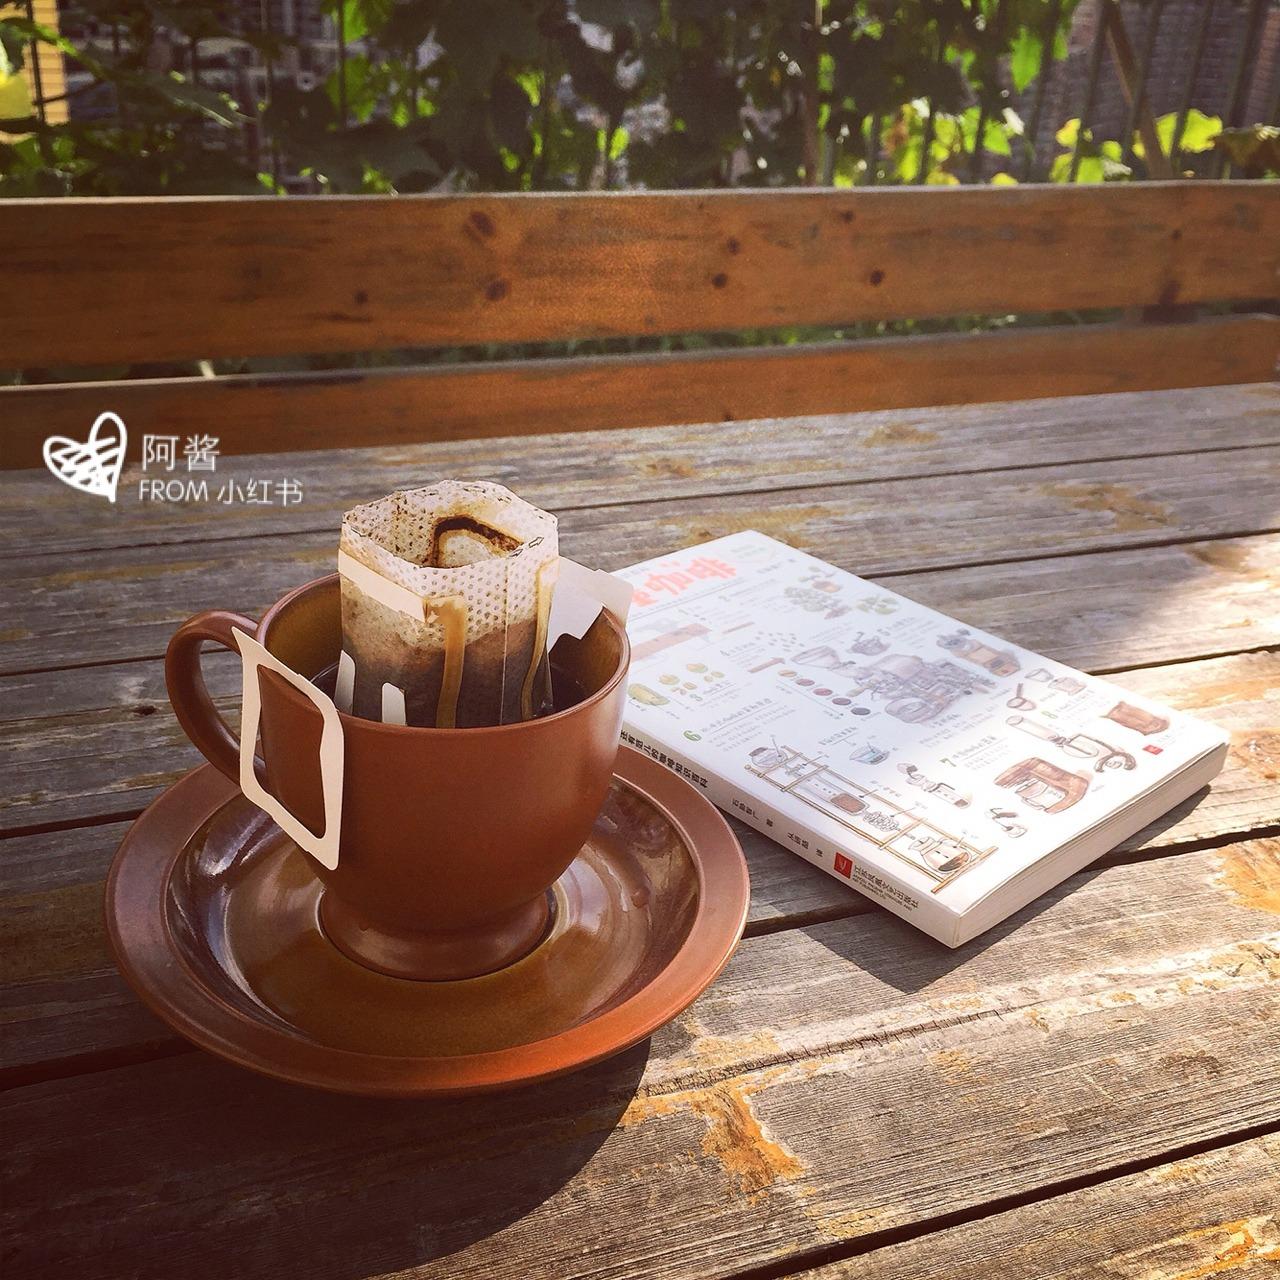 减肥雀巢咖啡金牌-小红书购物笔记针灸减肥燕郊图片